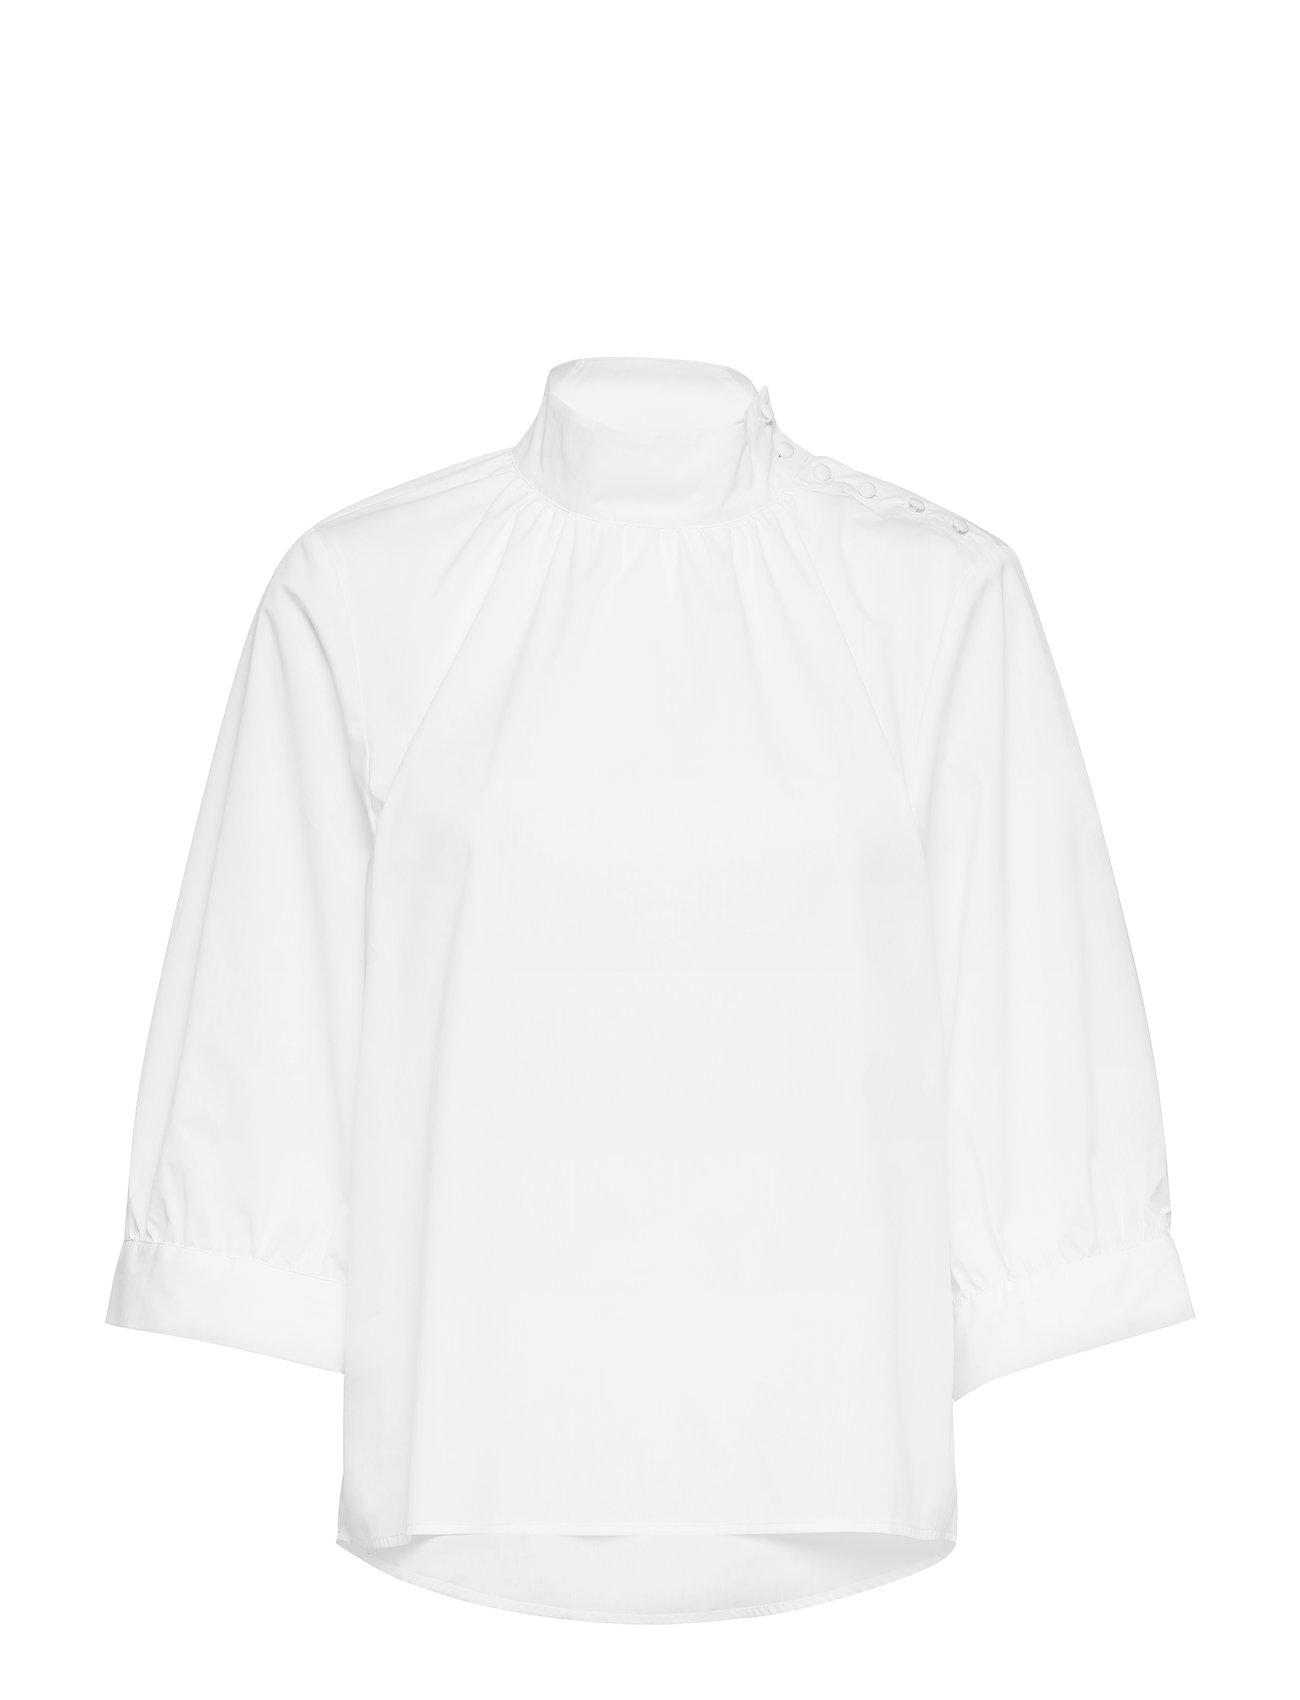 Selected Femme SLFNESSA 3/4 HN TOP B - SNOW WHITE